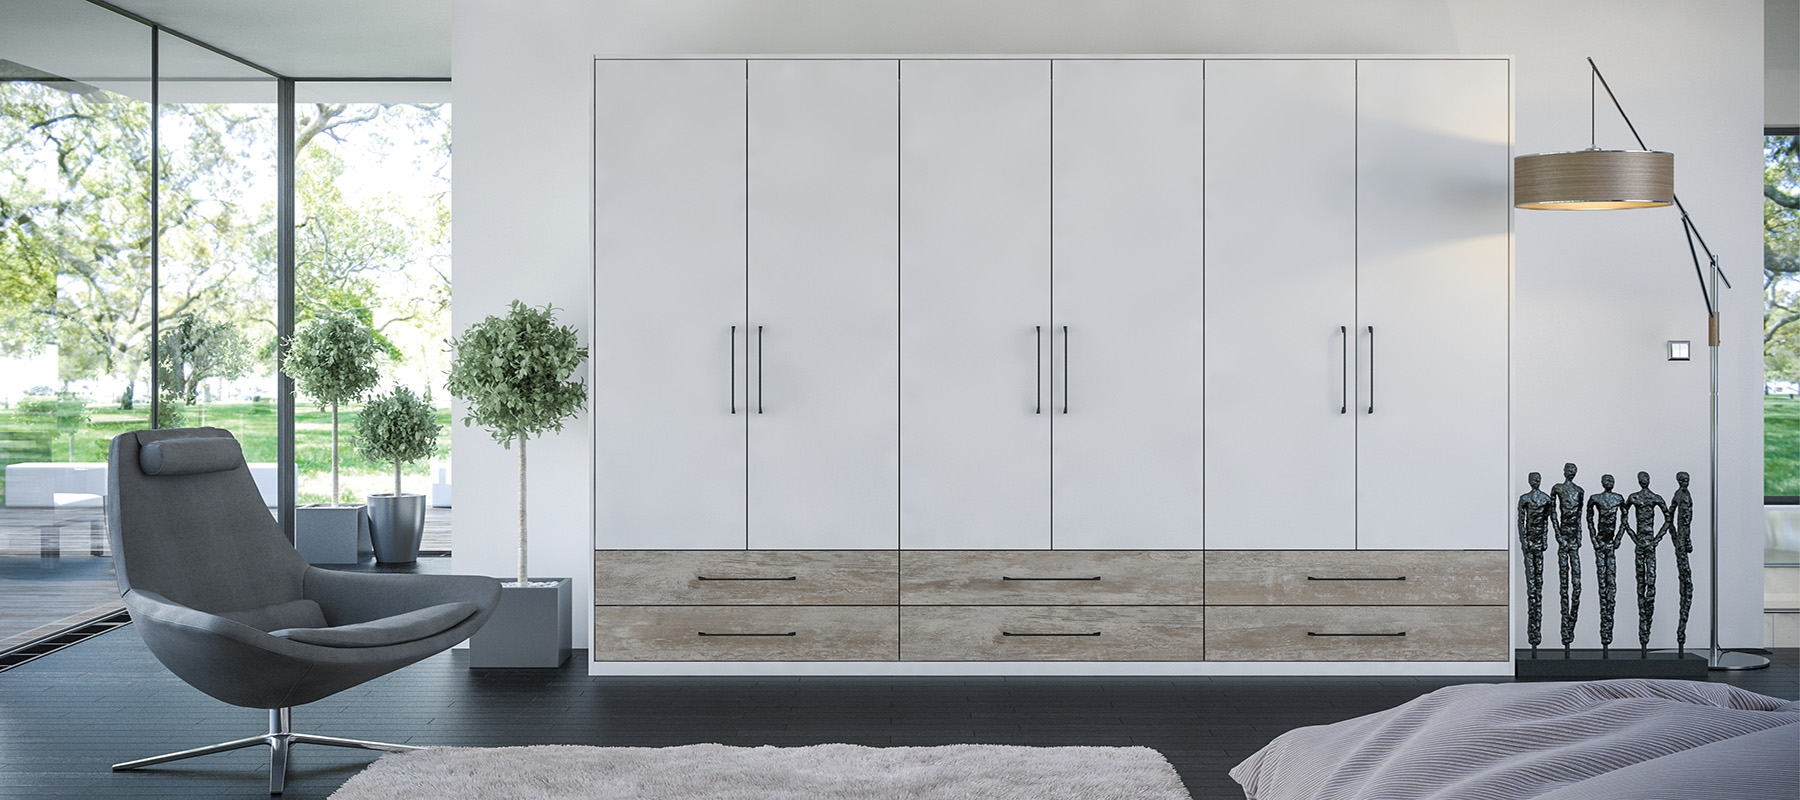 Zurfiz Wardrobe Doors & Replacement Wardrobe u0026 Kitchens Doors - Doors Sincerely